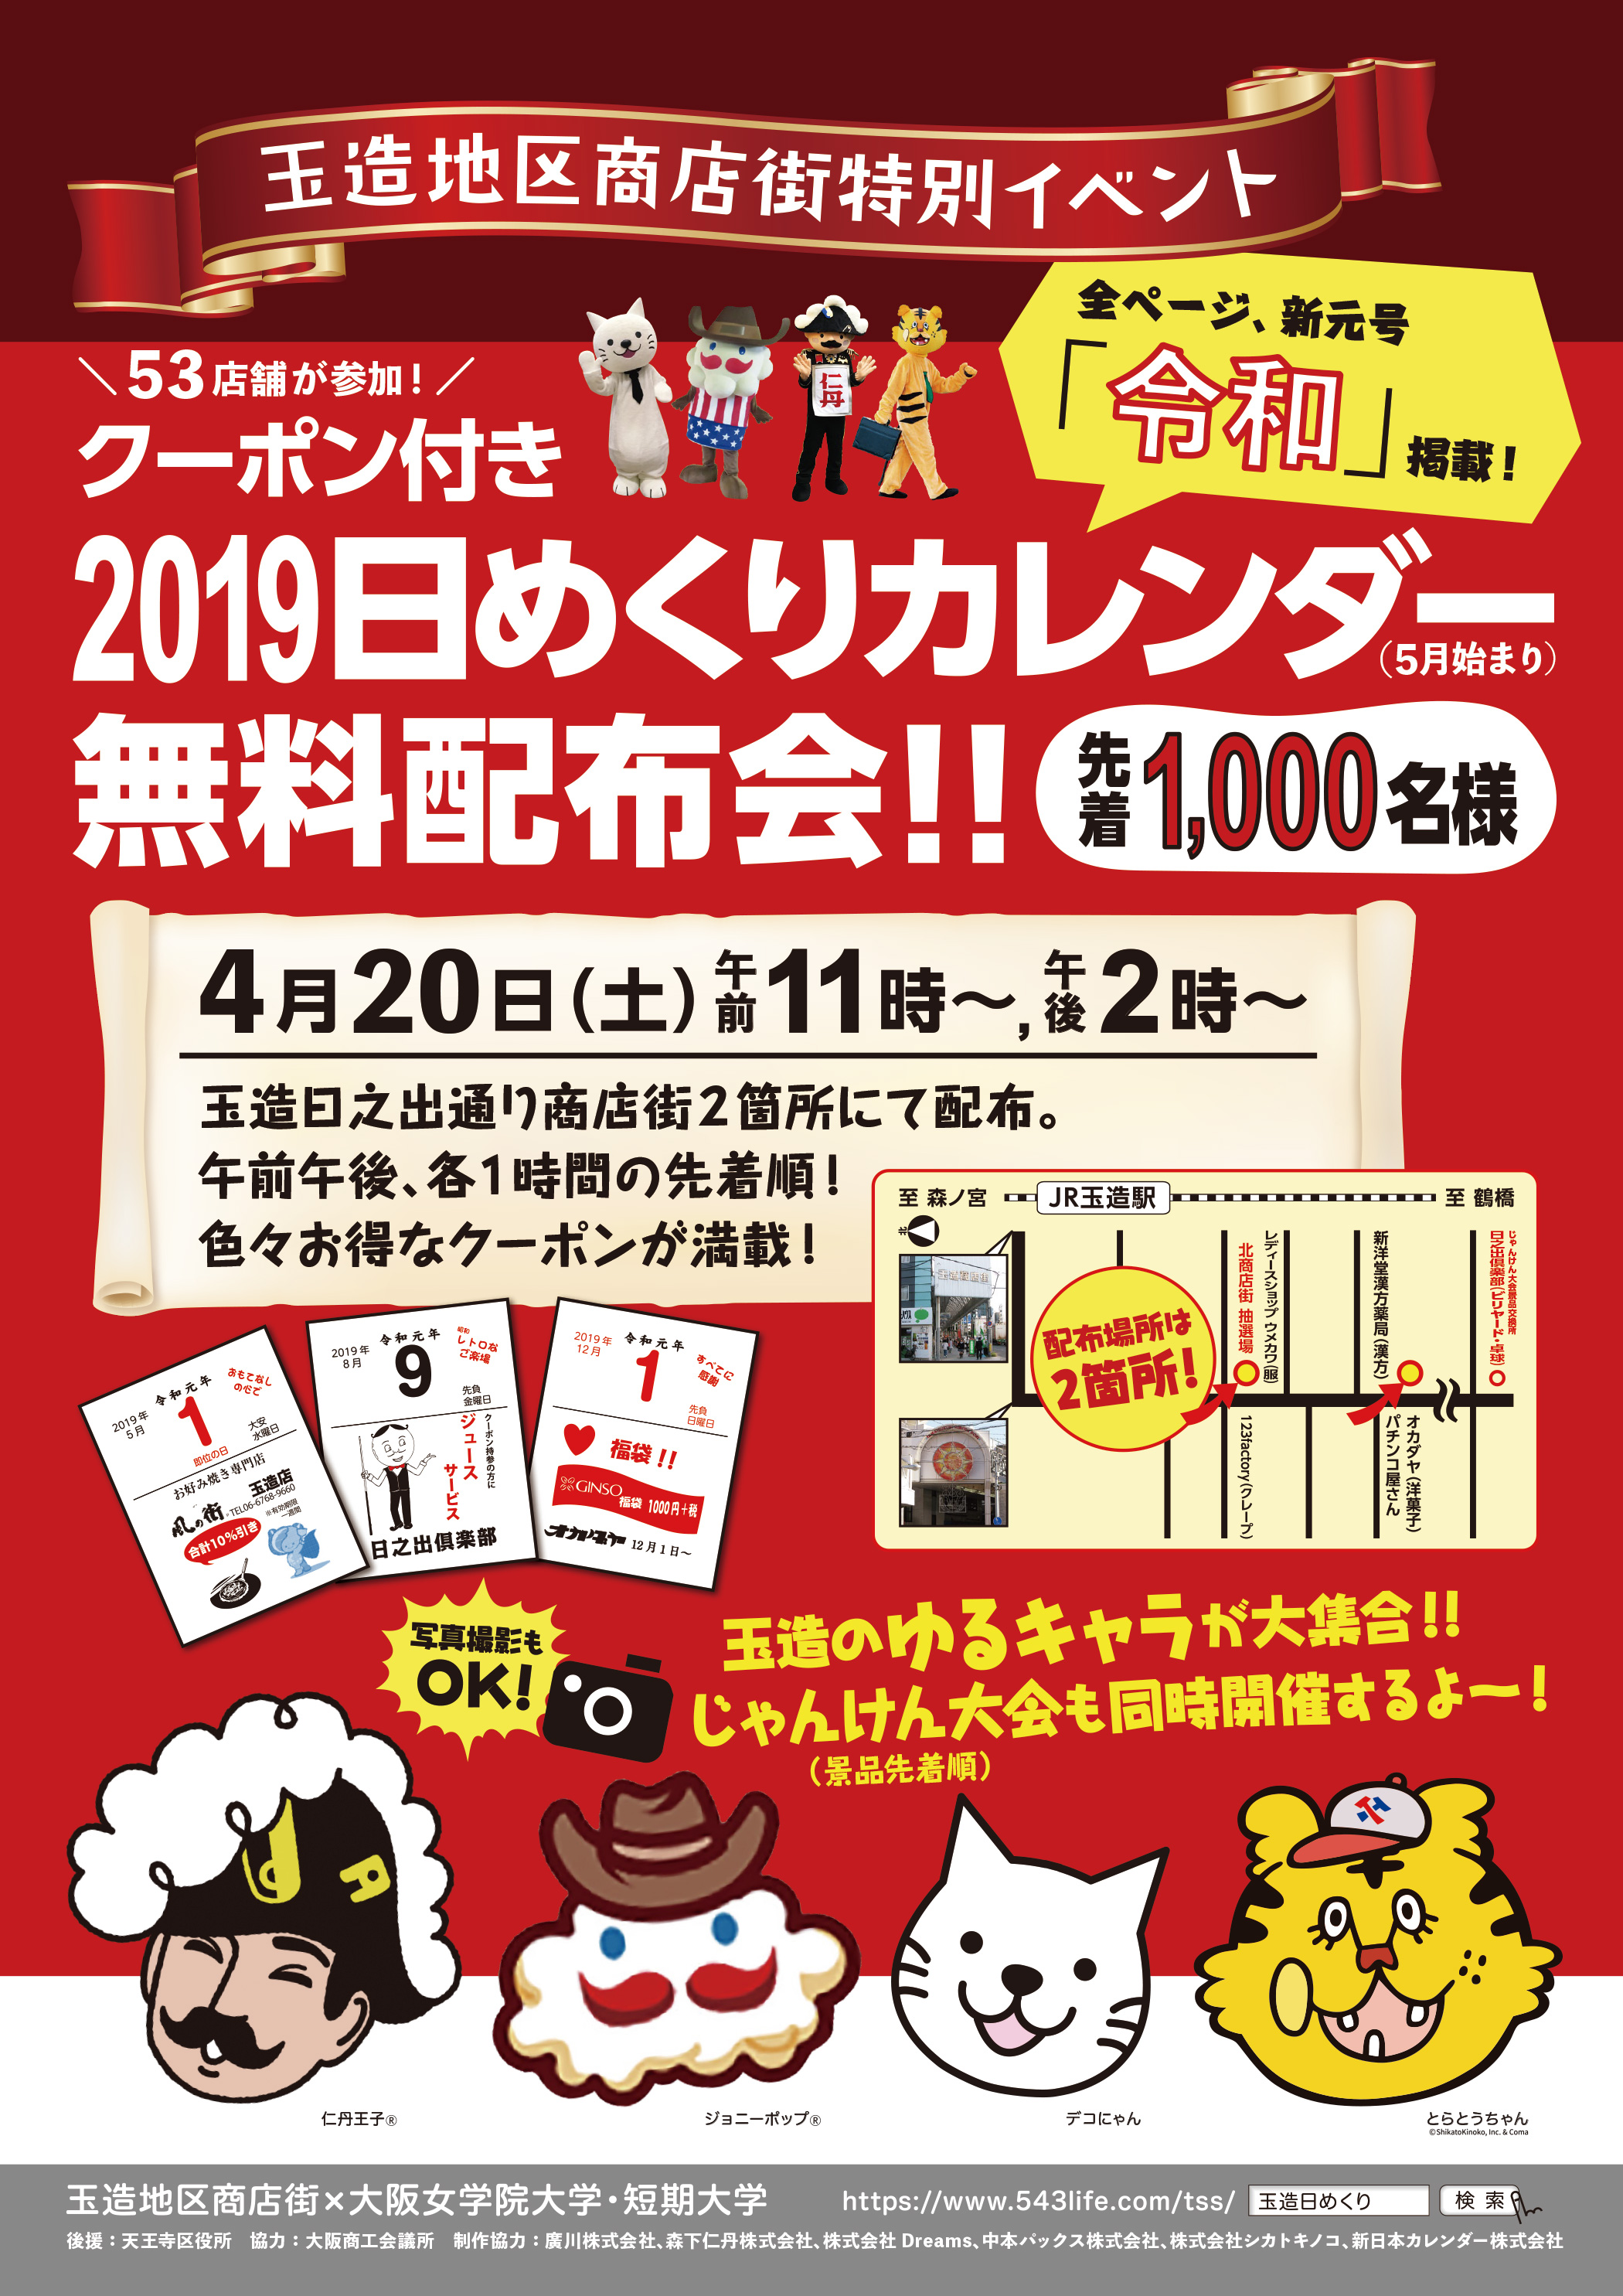 日めくりカレンダー無料配布会2019 とらとうちゃん